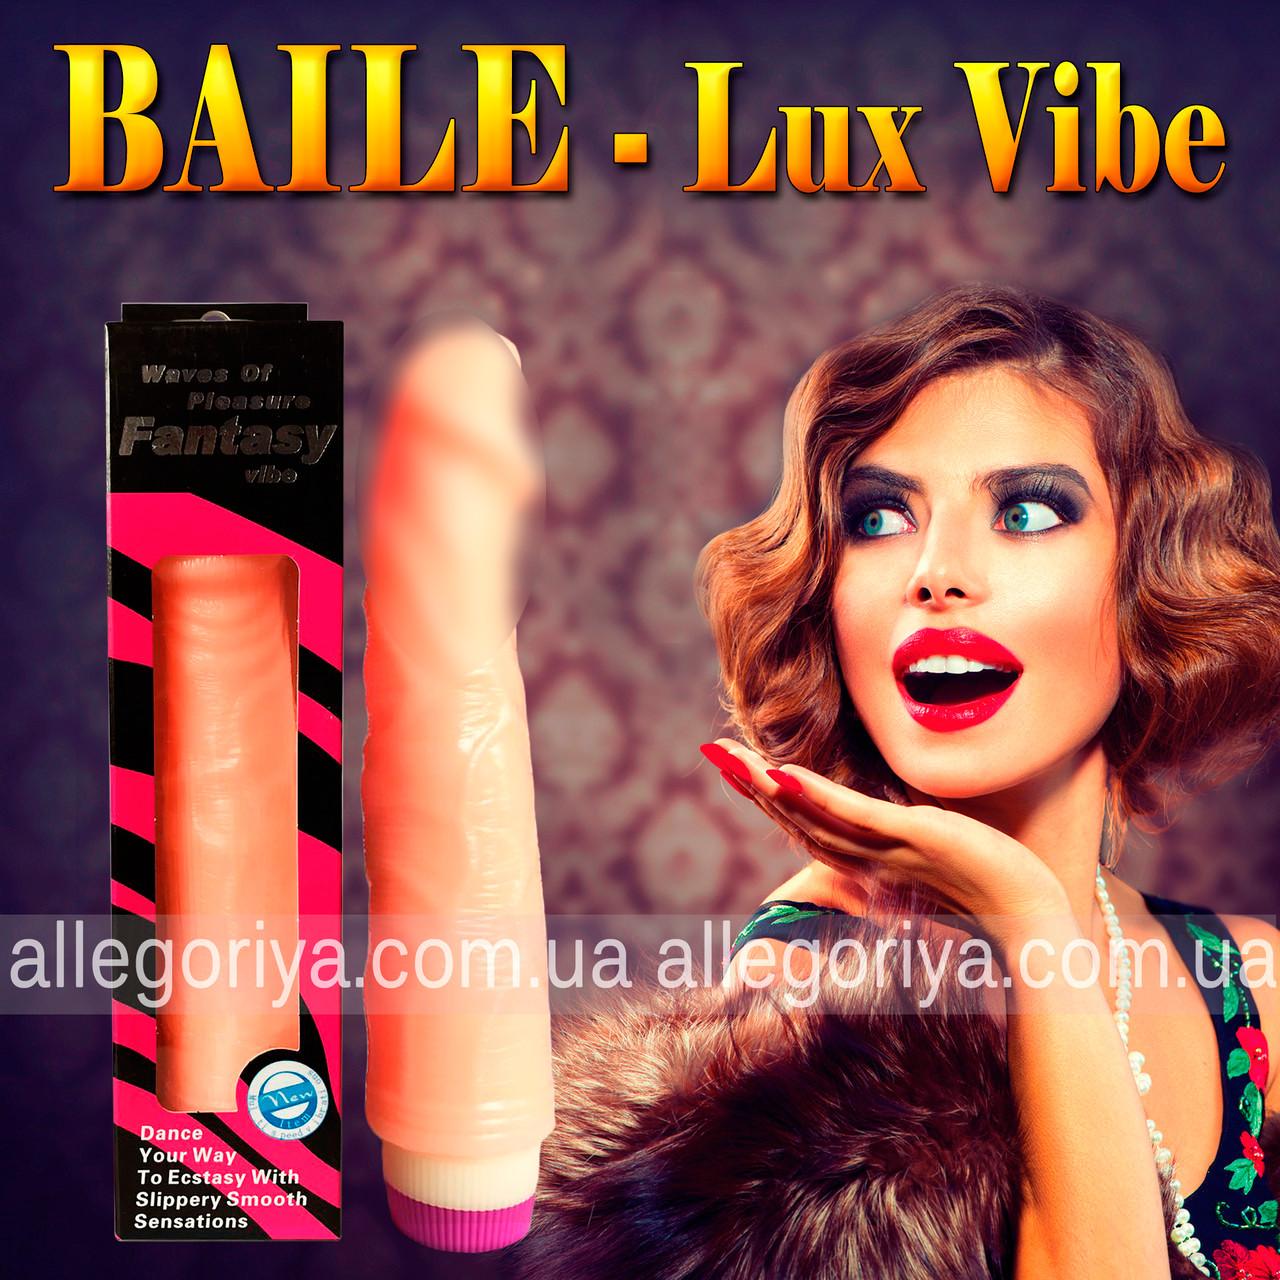 Вибратор женский Гелиевый Lux Vibe Гигант | Фаллоимитатор Baile интим игрушка нового поколения